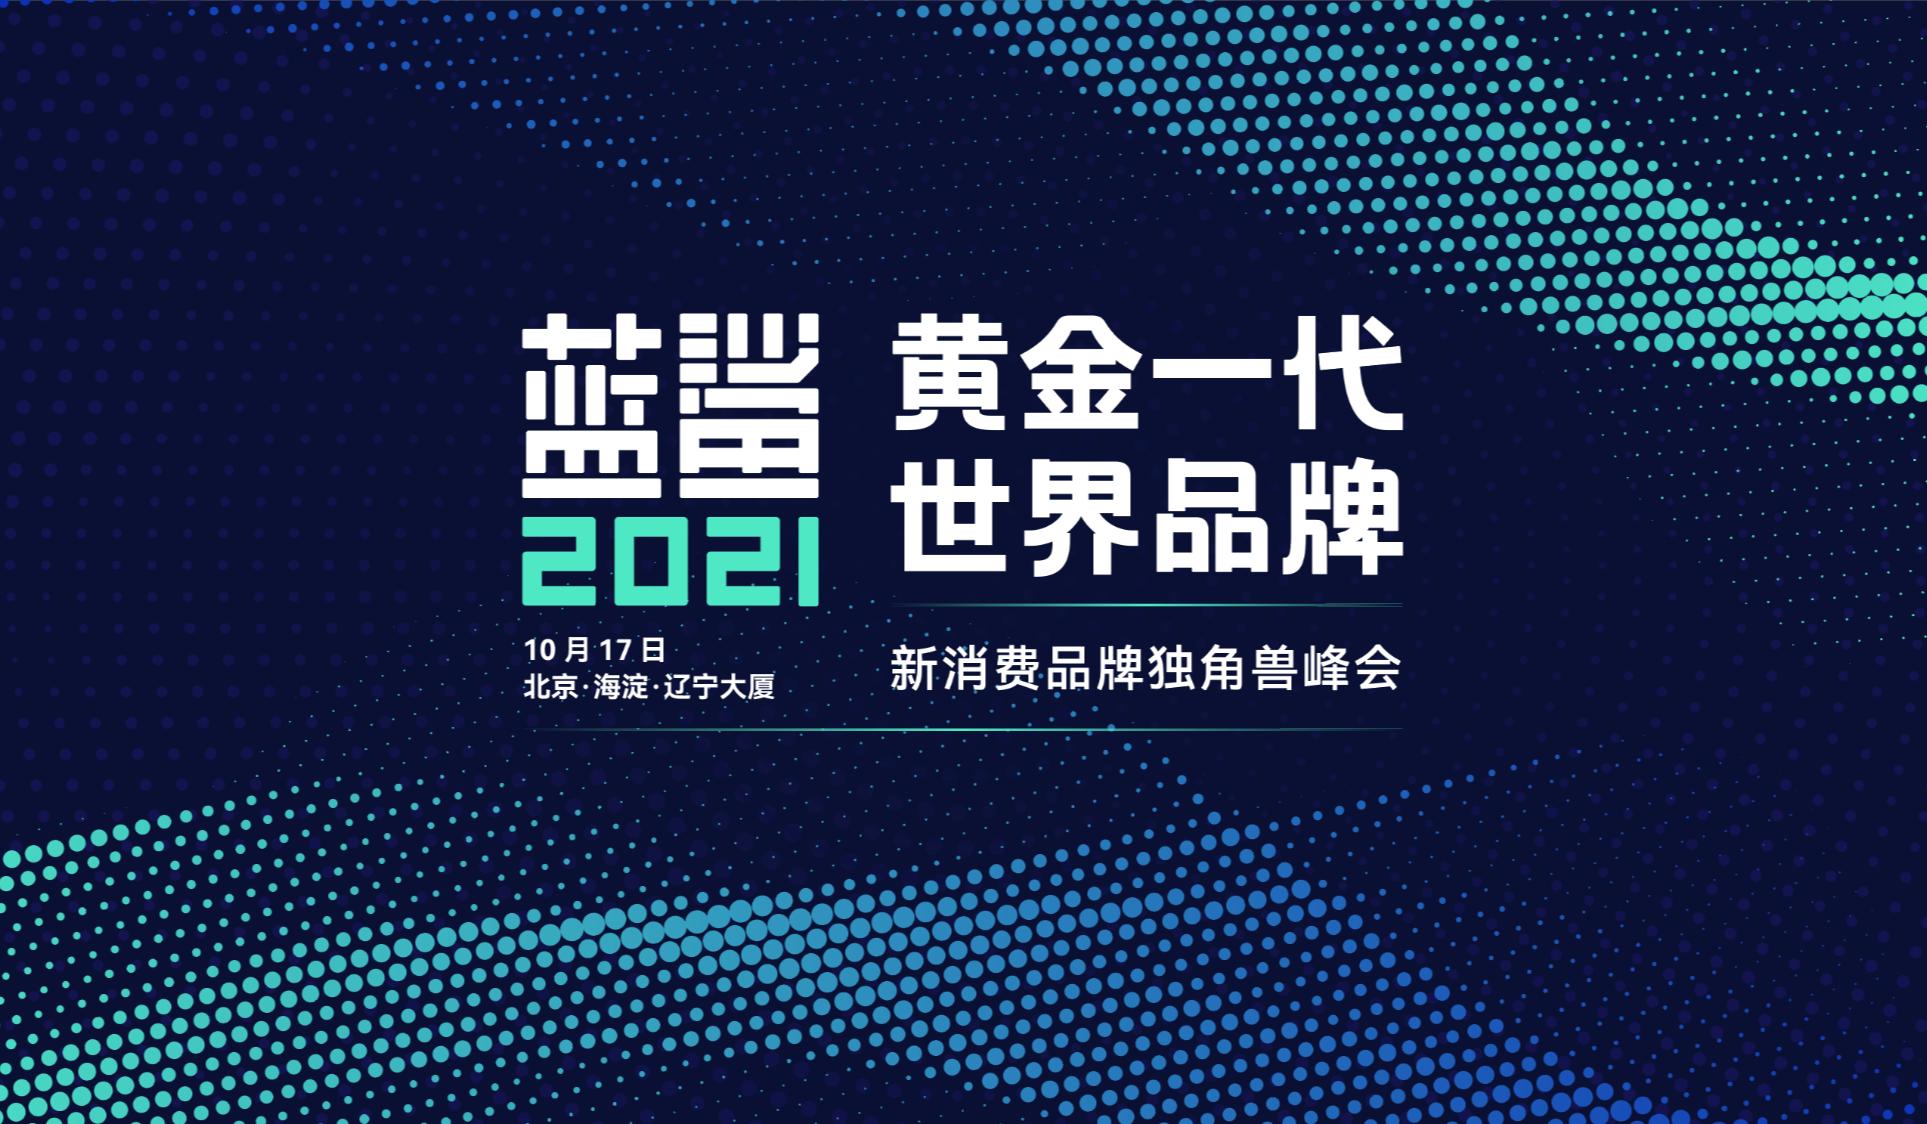 2021新消费品牌独角兽峰会观摩报名